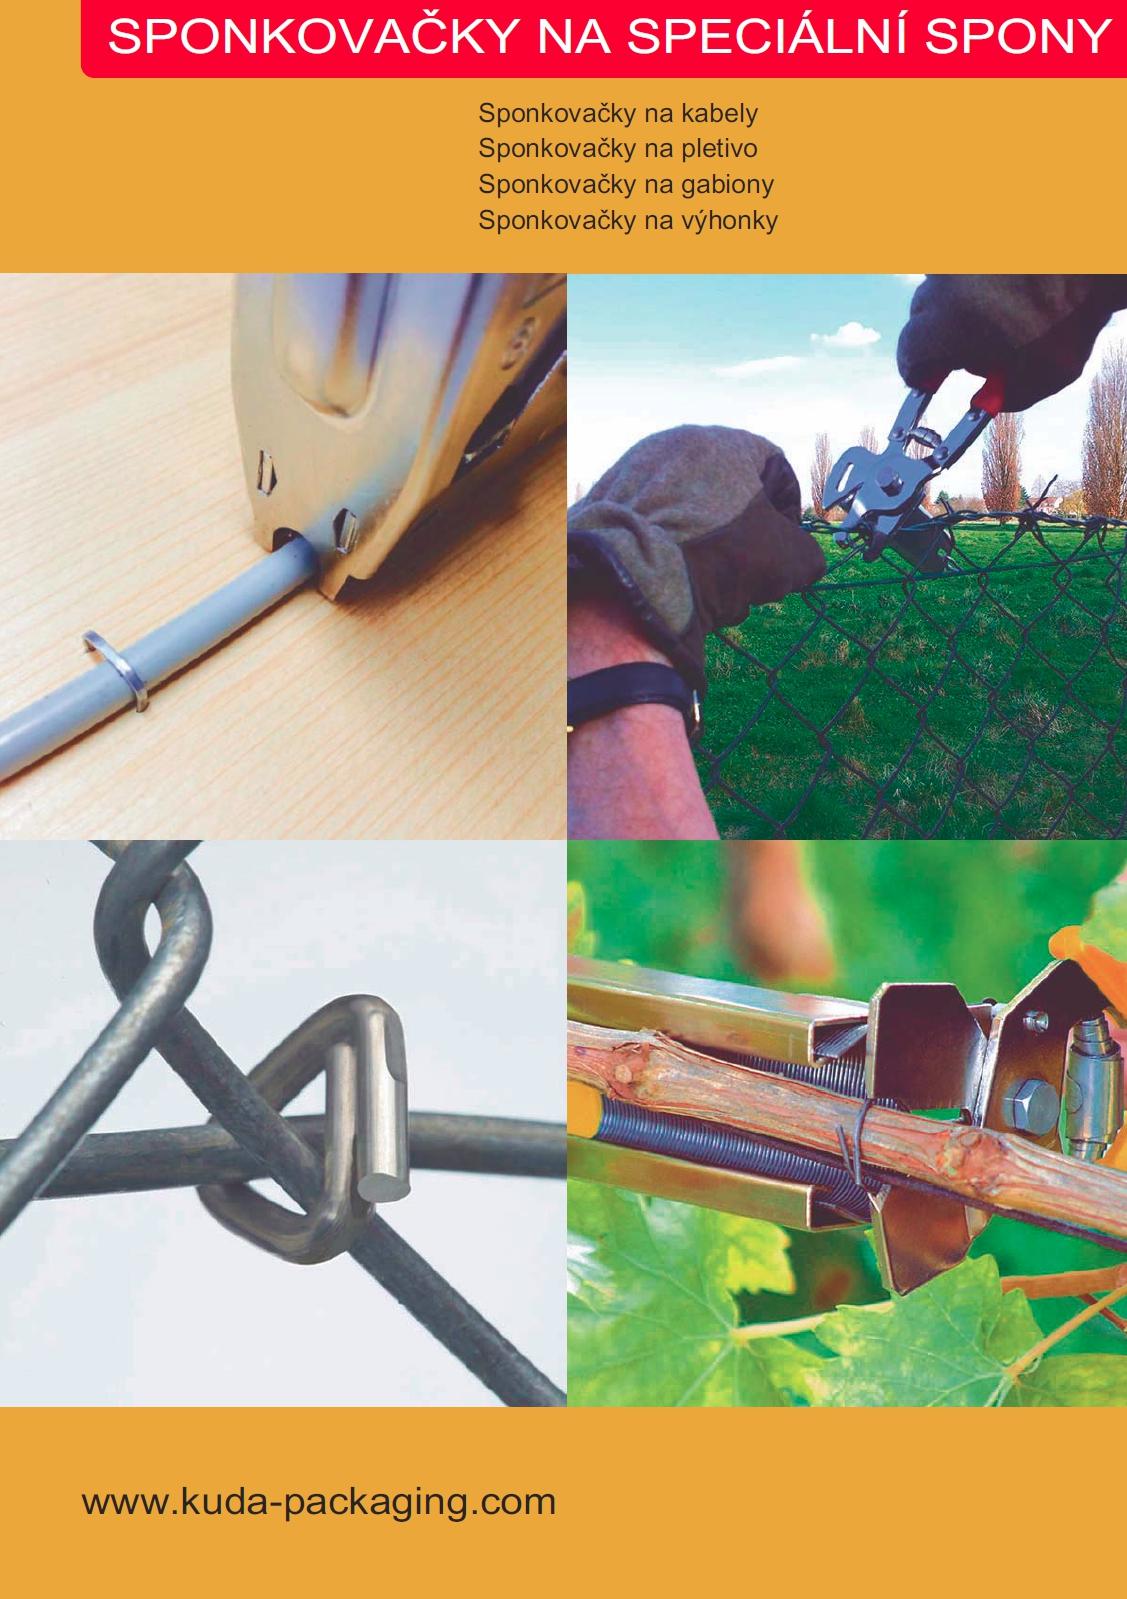 Sponkovačky na C kroužky, kleště na gabiony, sponkovačky na kabely